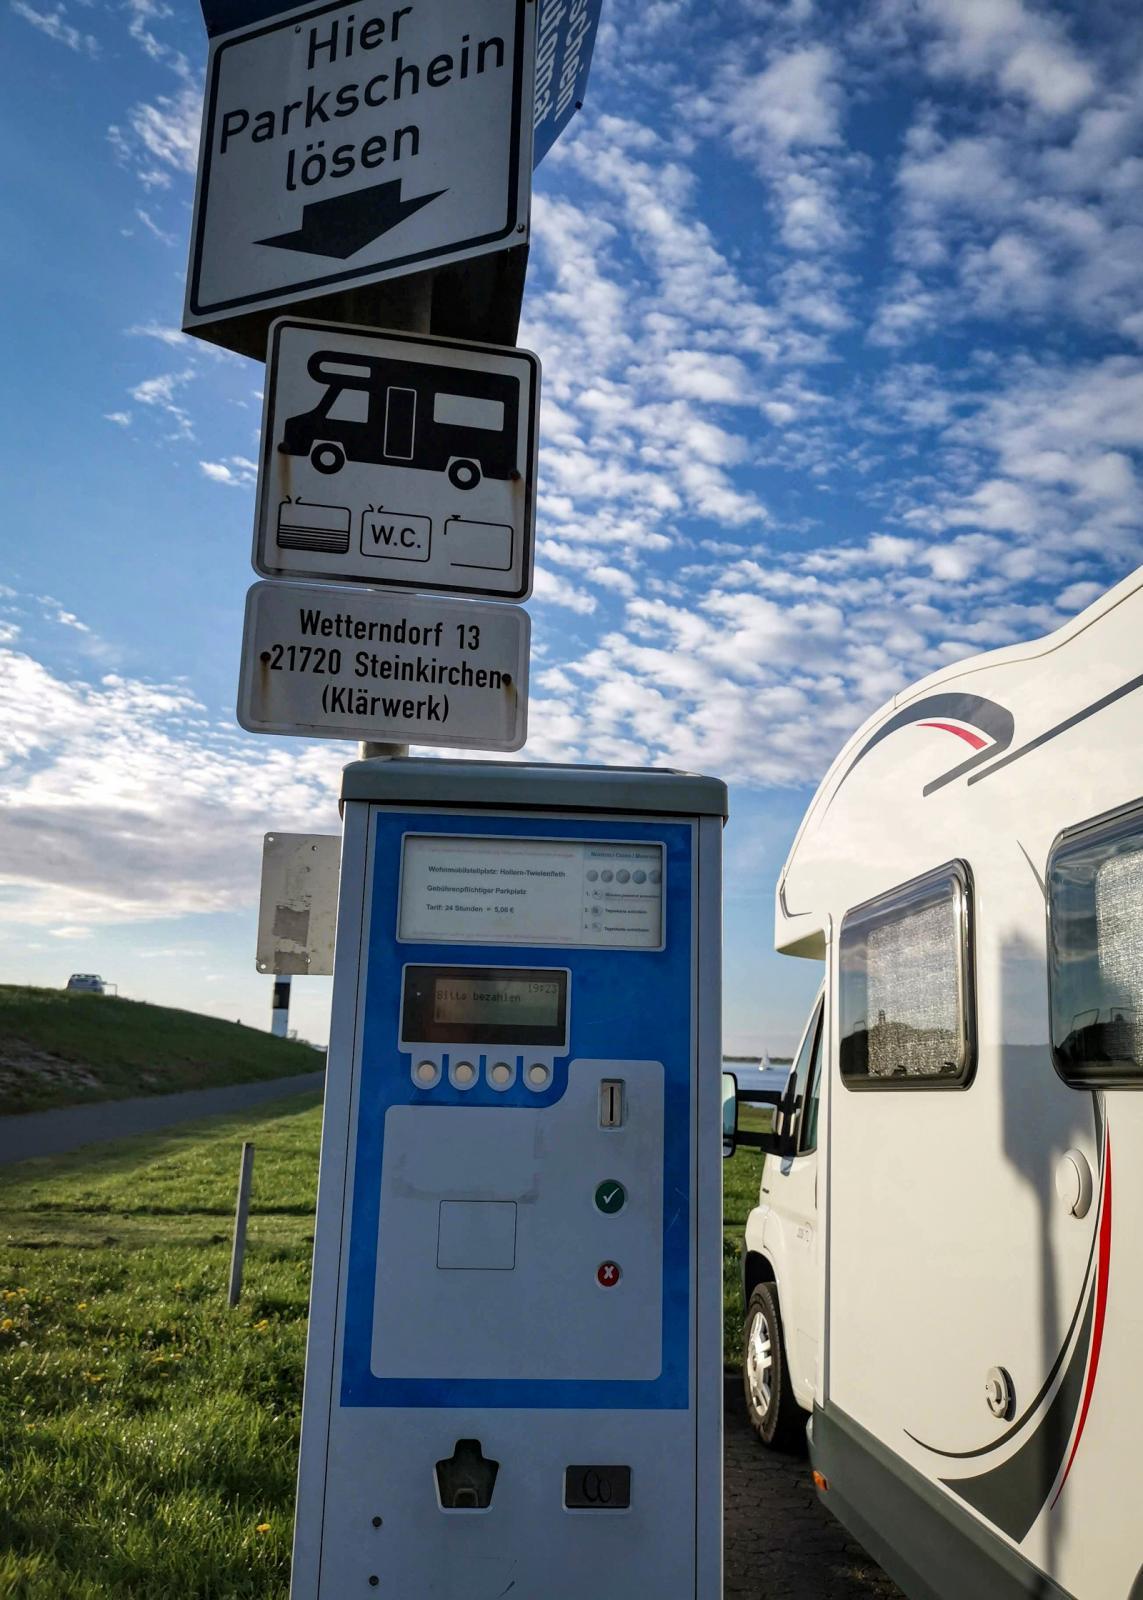 Parkeringsautomat för myntbetalning. Resor i Tyskland kräver gott om euromynt. Kortbetalningar och liknande är på uppgång.